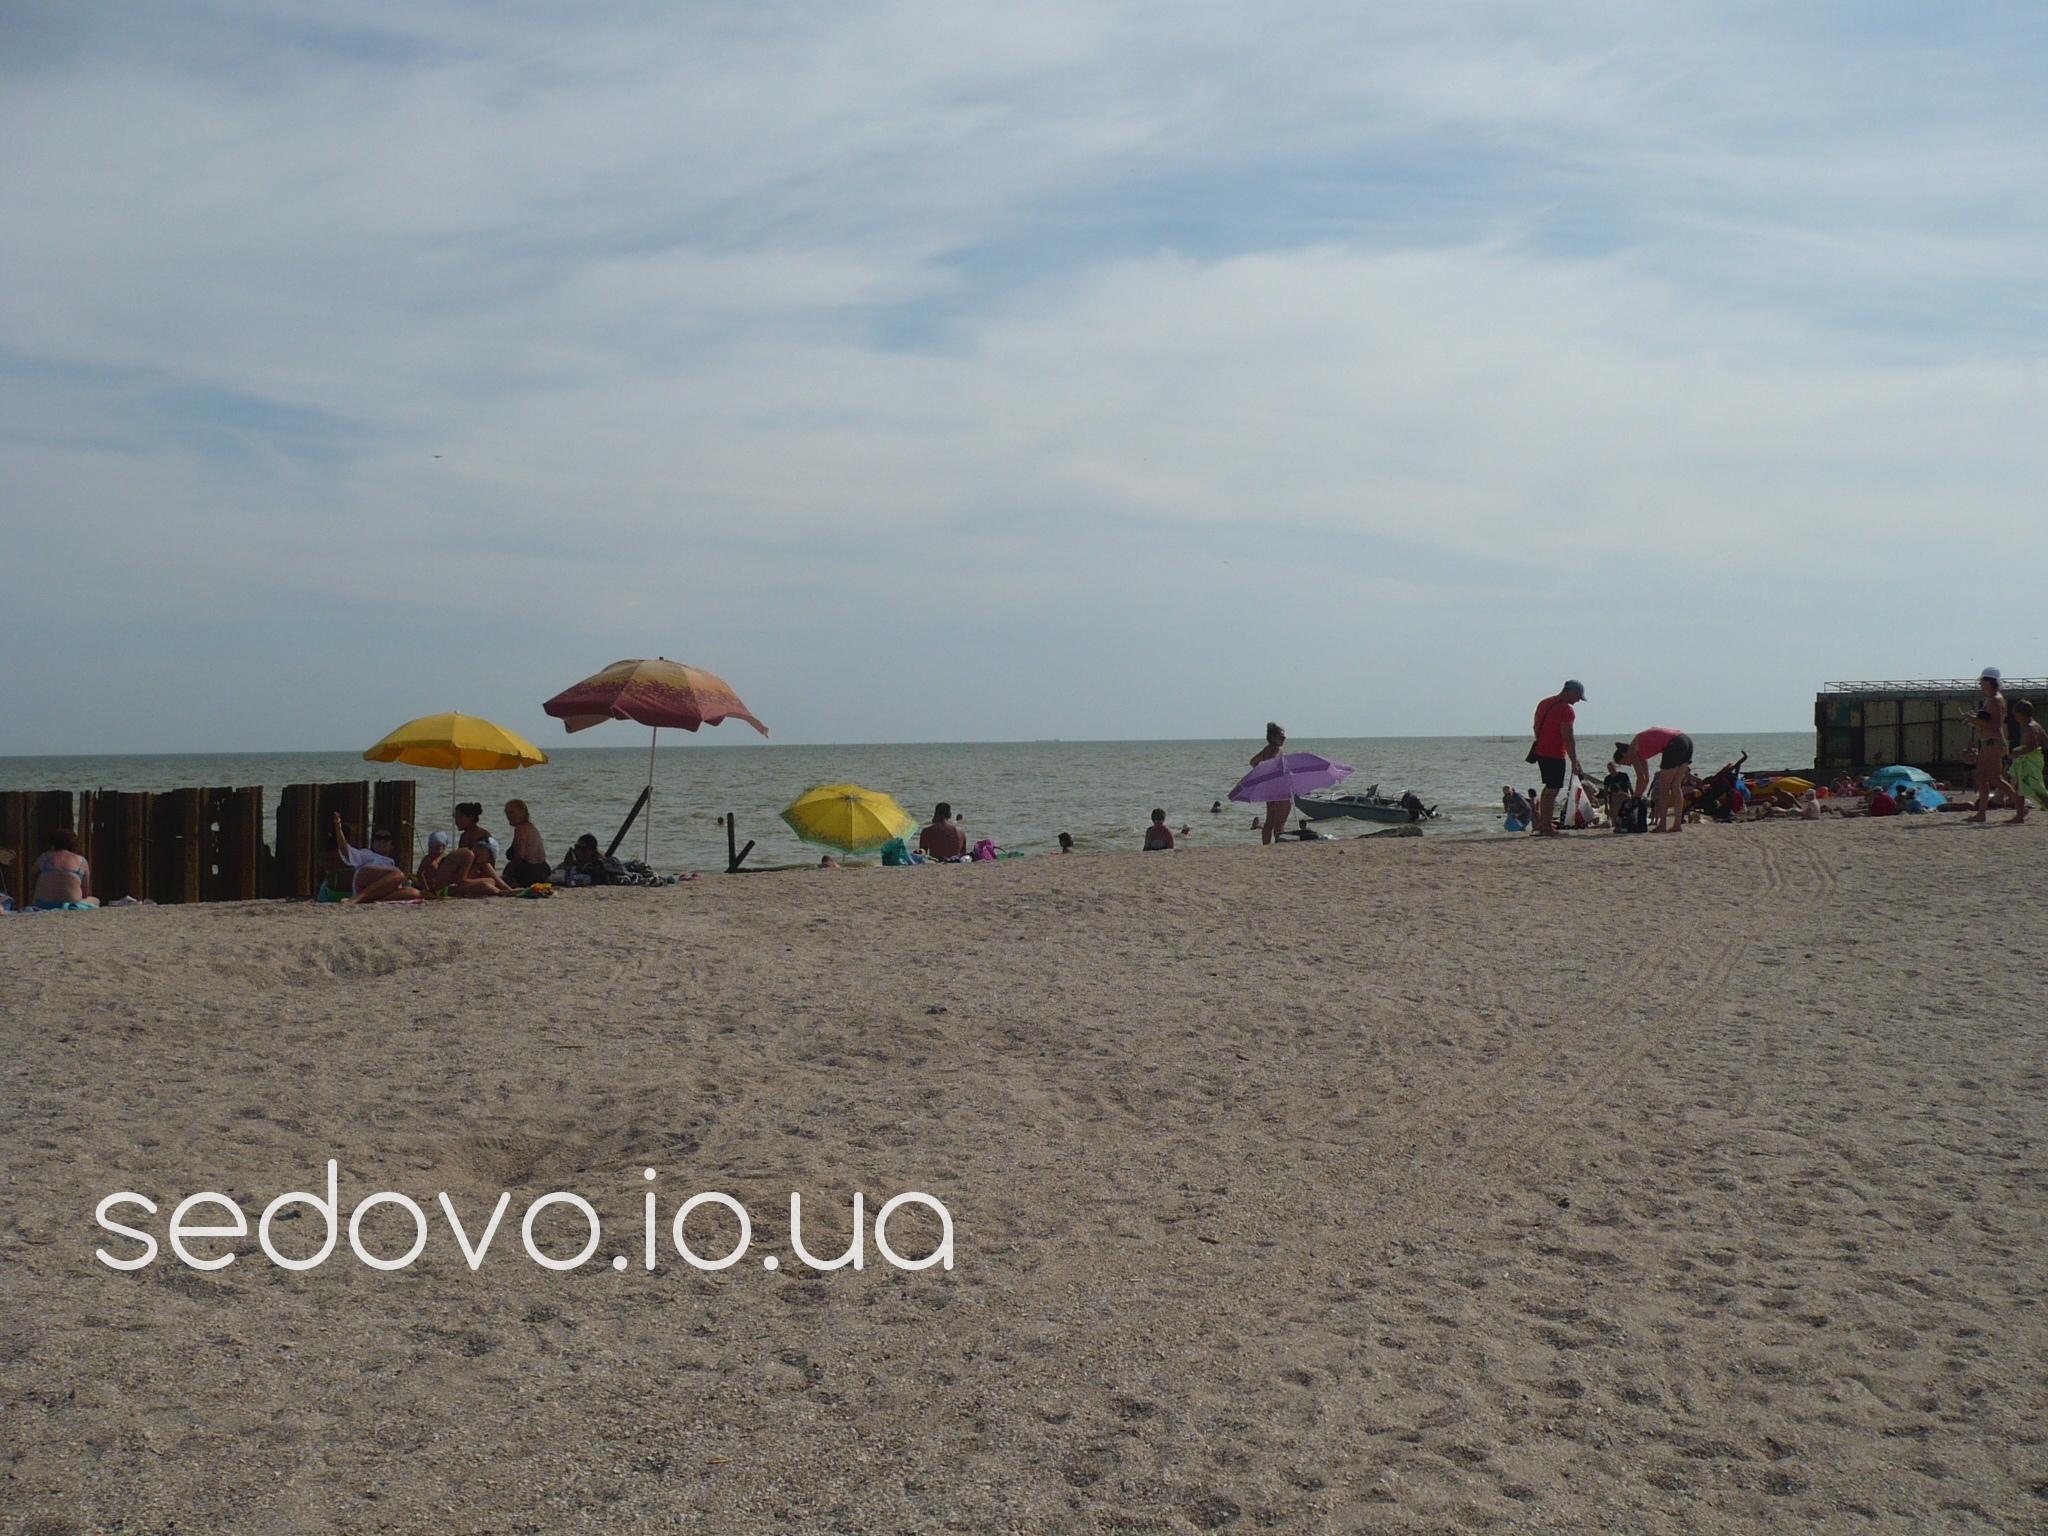 Пляжи в Седово фотографии